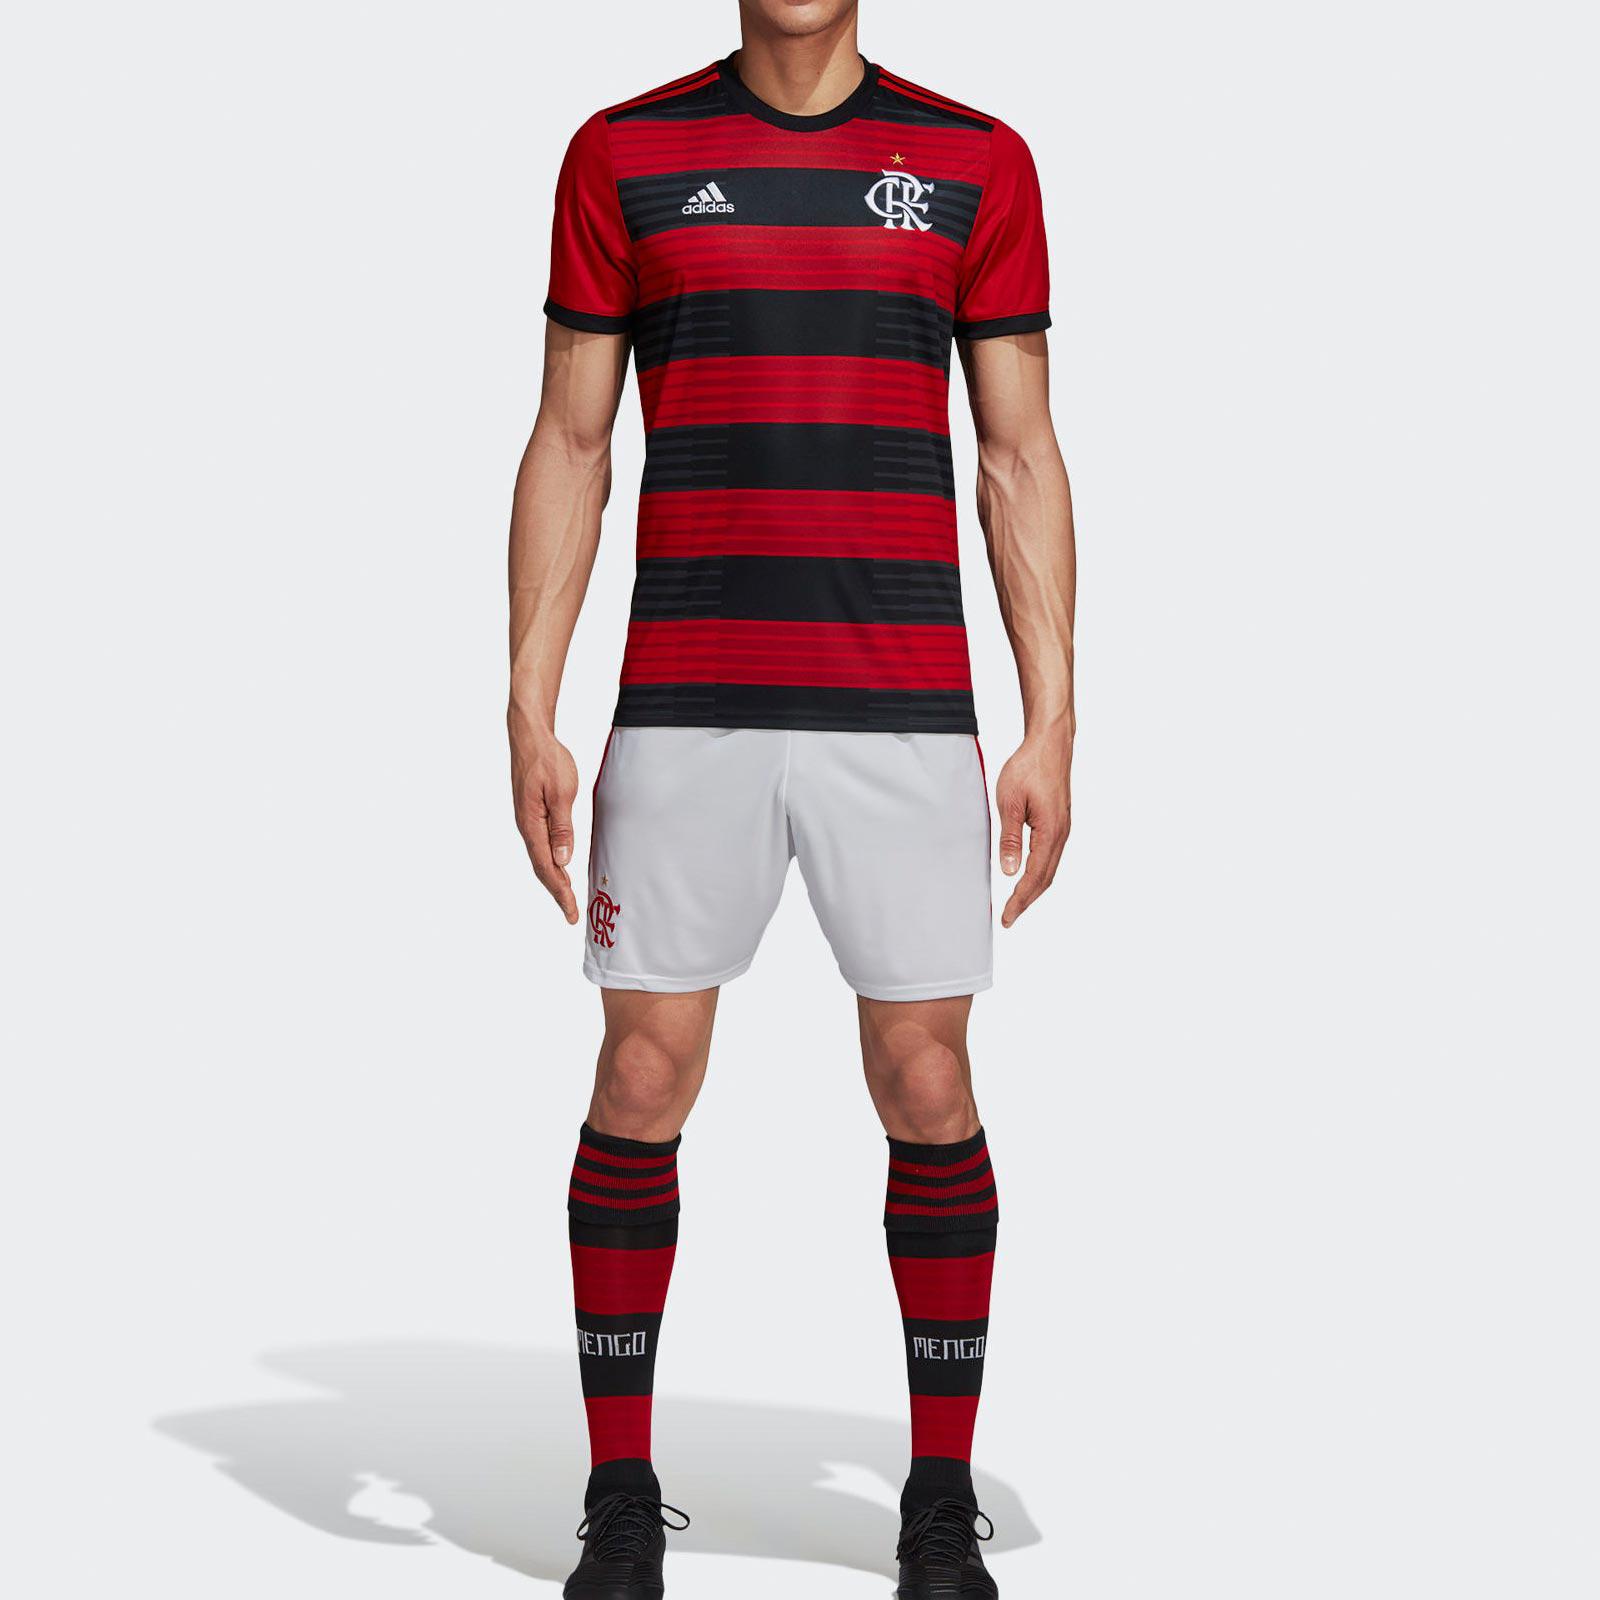 0907b5669 CR Flamengo HOME 18   19 FUSSBALL SHIRT SOCCER FOOTBALL JERSEY BNW ...